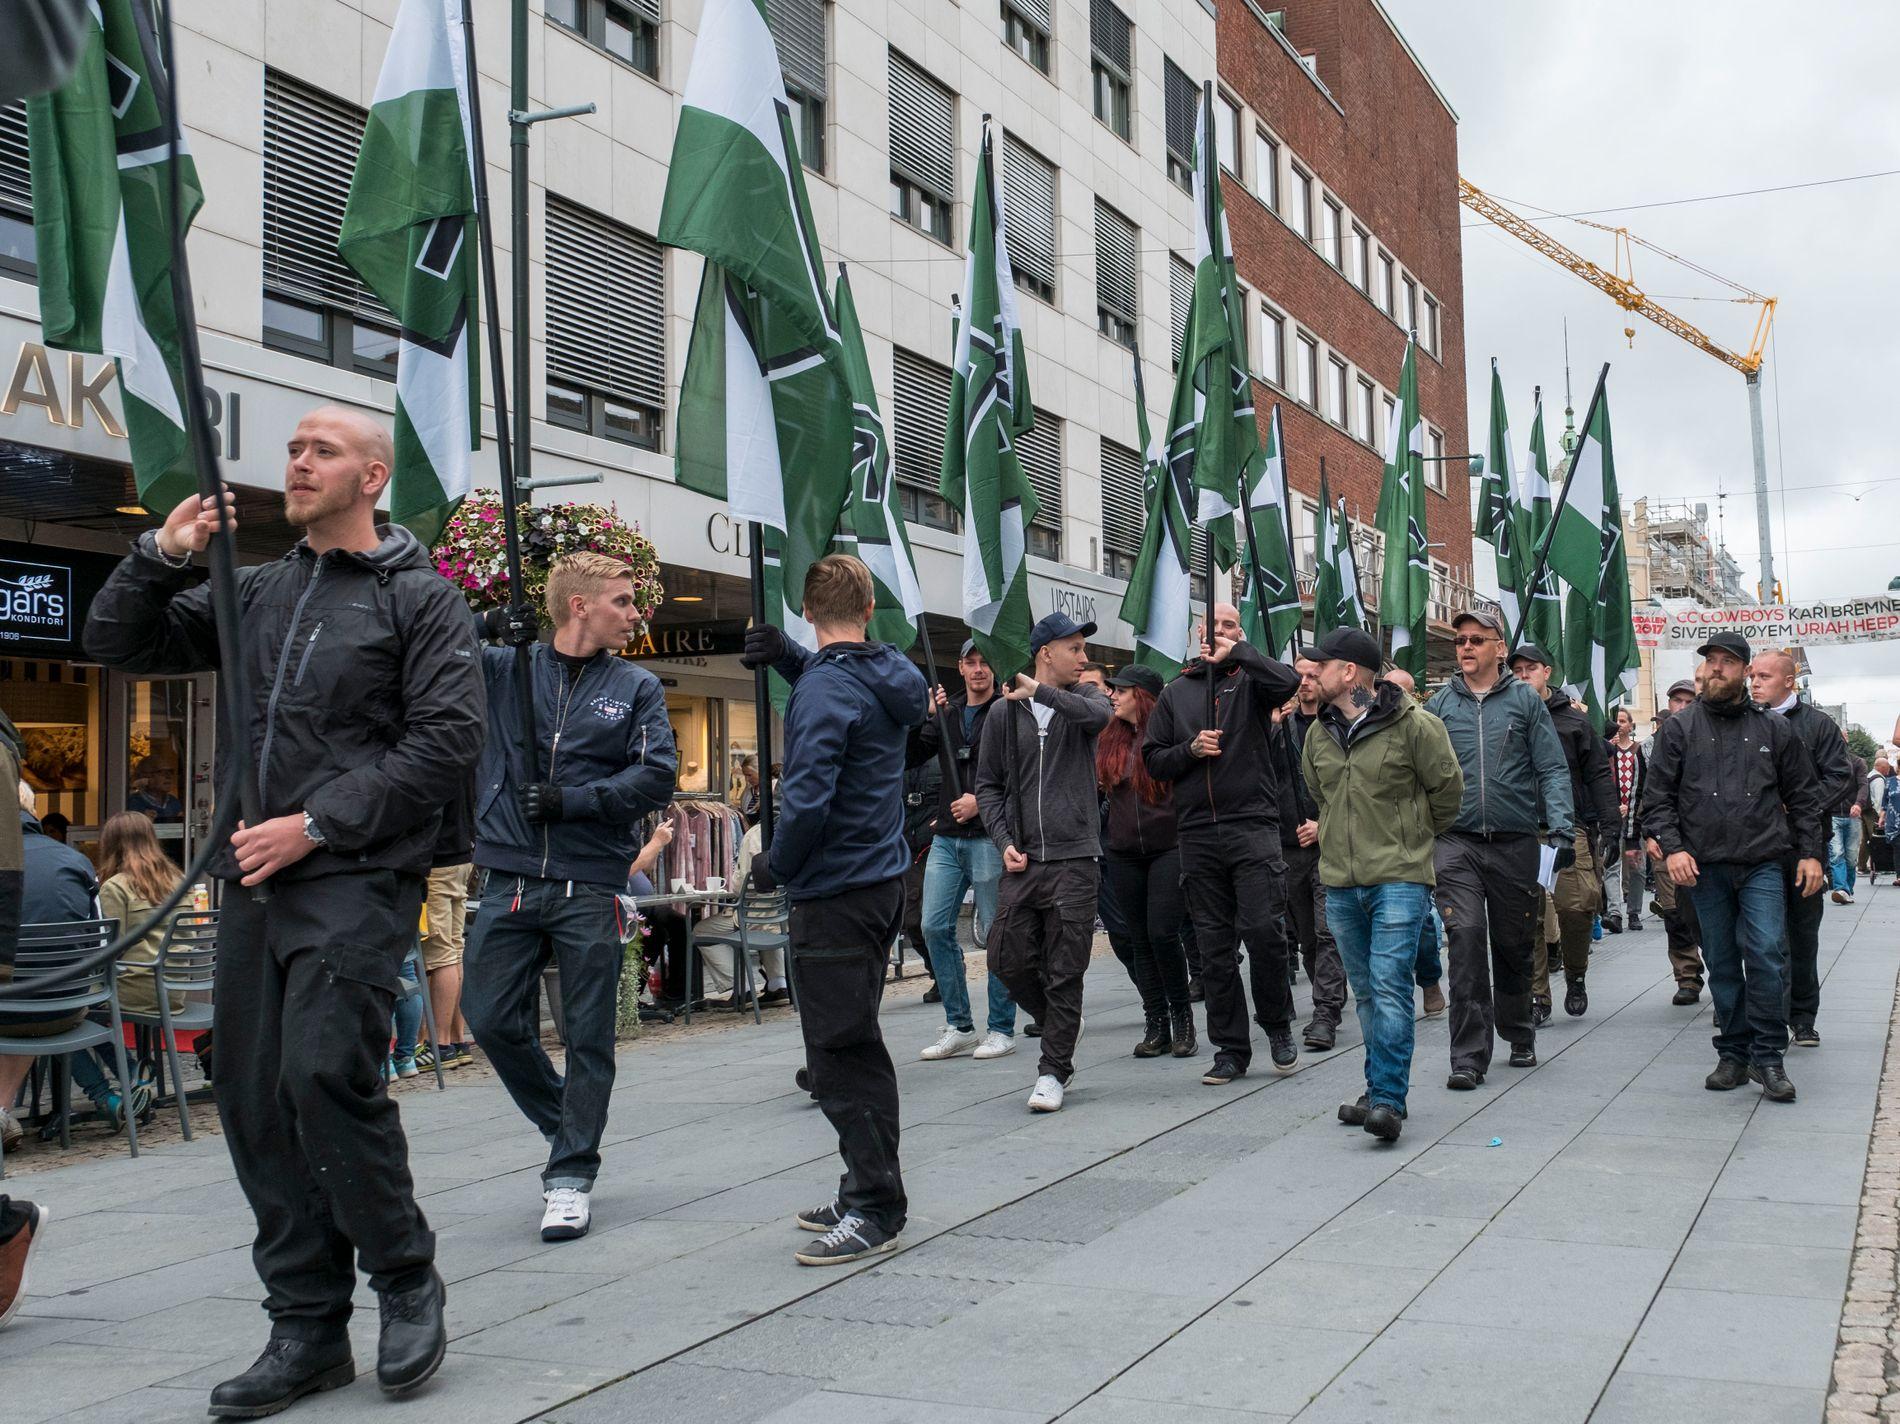 Høyreekstreme marsjerte i Kristiansand lørdag.